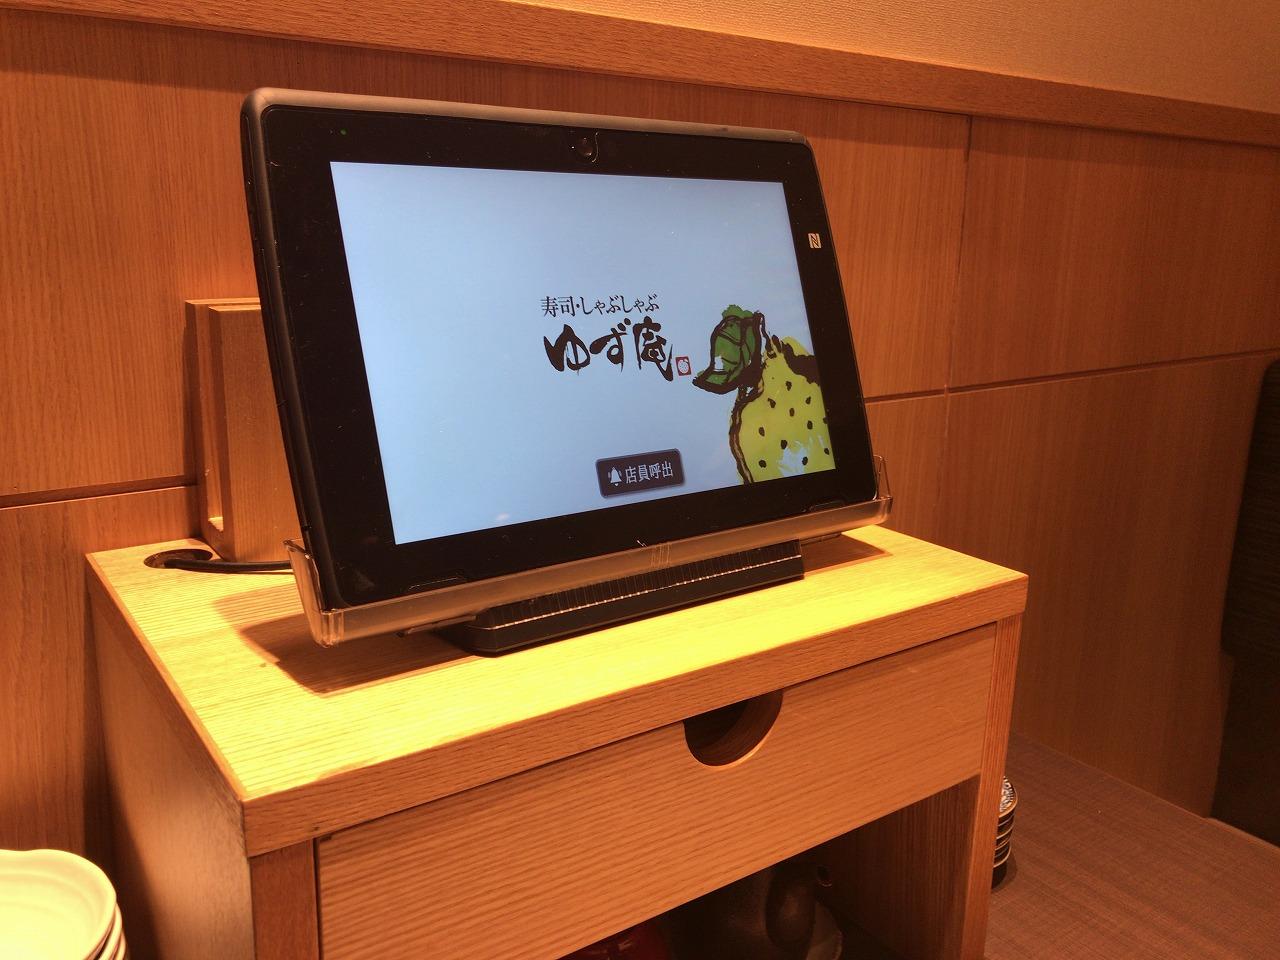 ゆず庵宮崎柳丸店はデジタル機器で注文できる